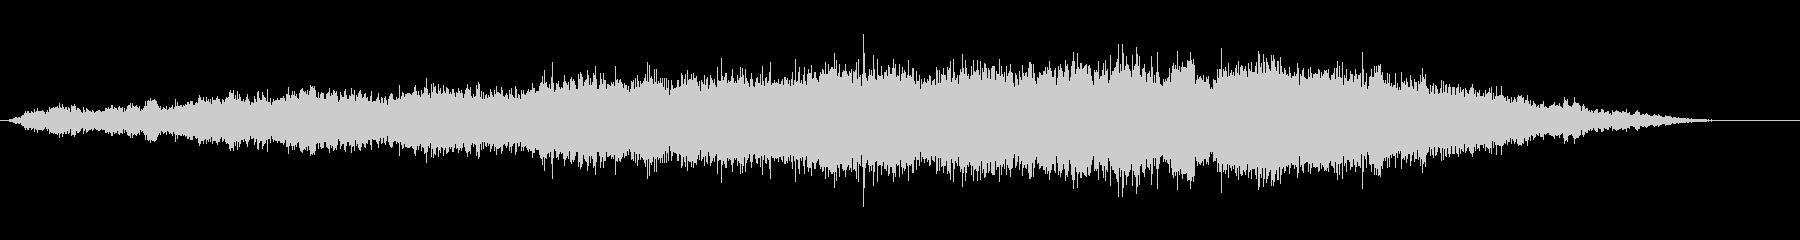 エスニック風な呪文の言葉の神秘的な音風景の未再生の波形